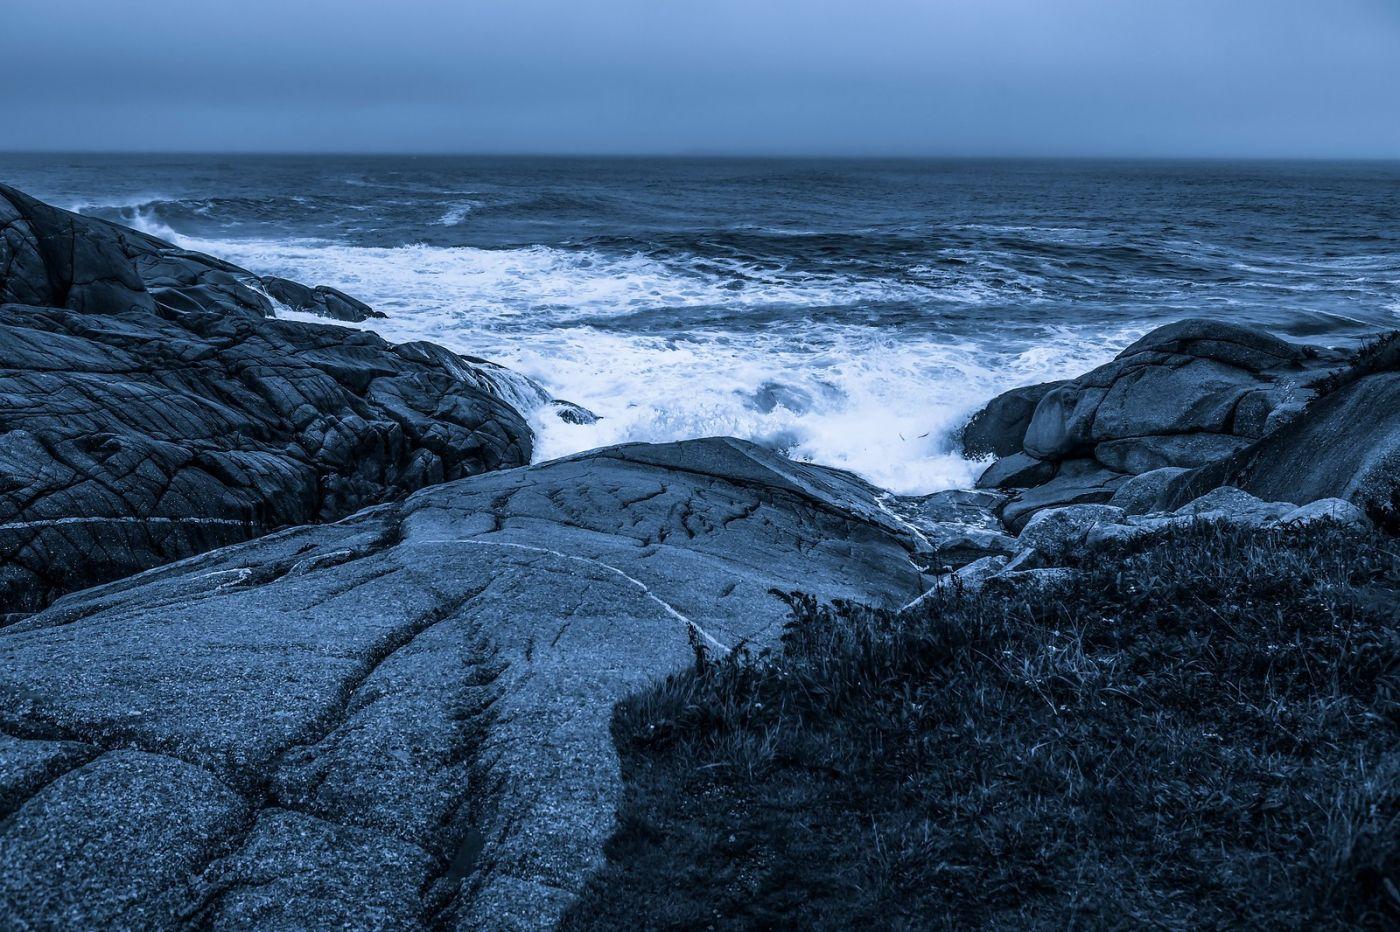 加拿大佩吉海湾(Peggys Cove),礁石上的灯塔_图1-6